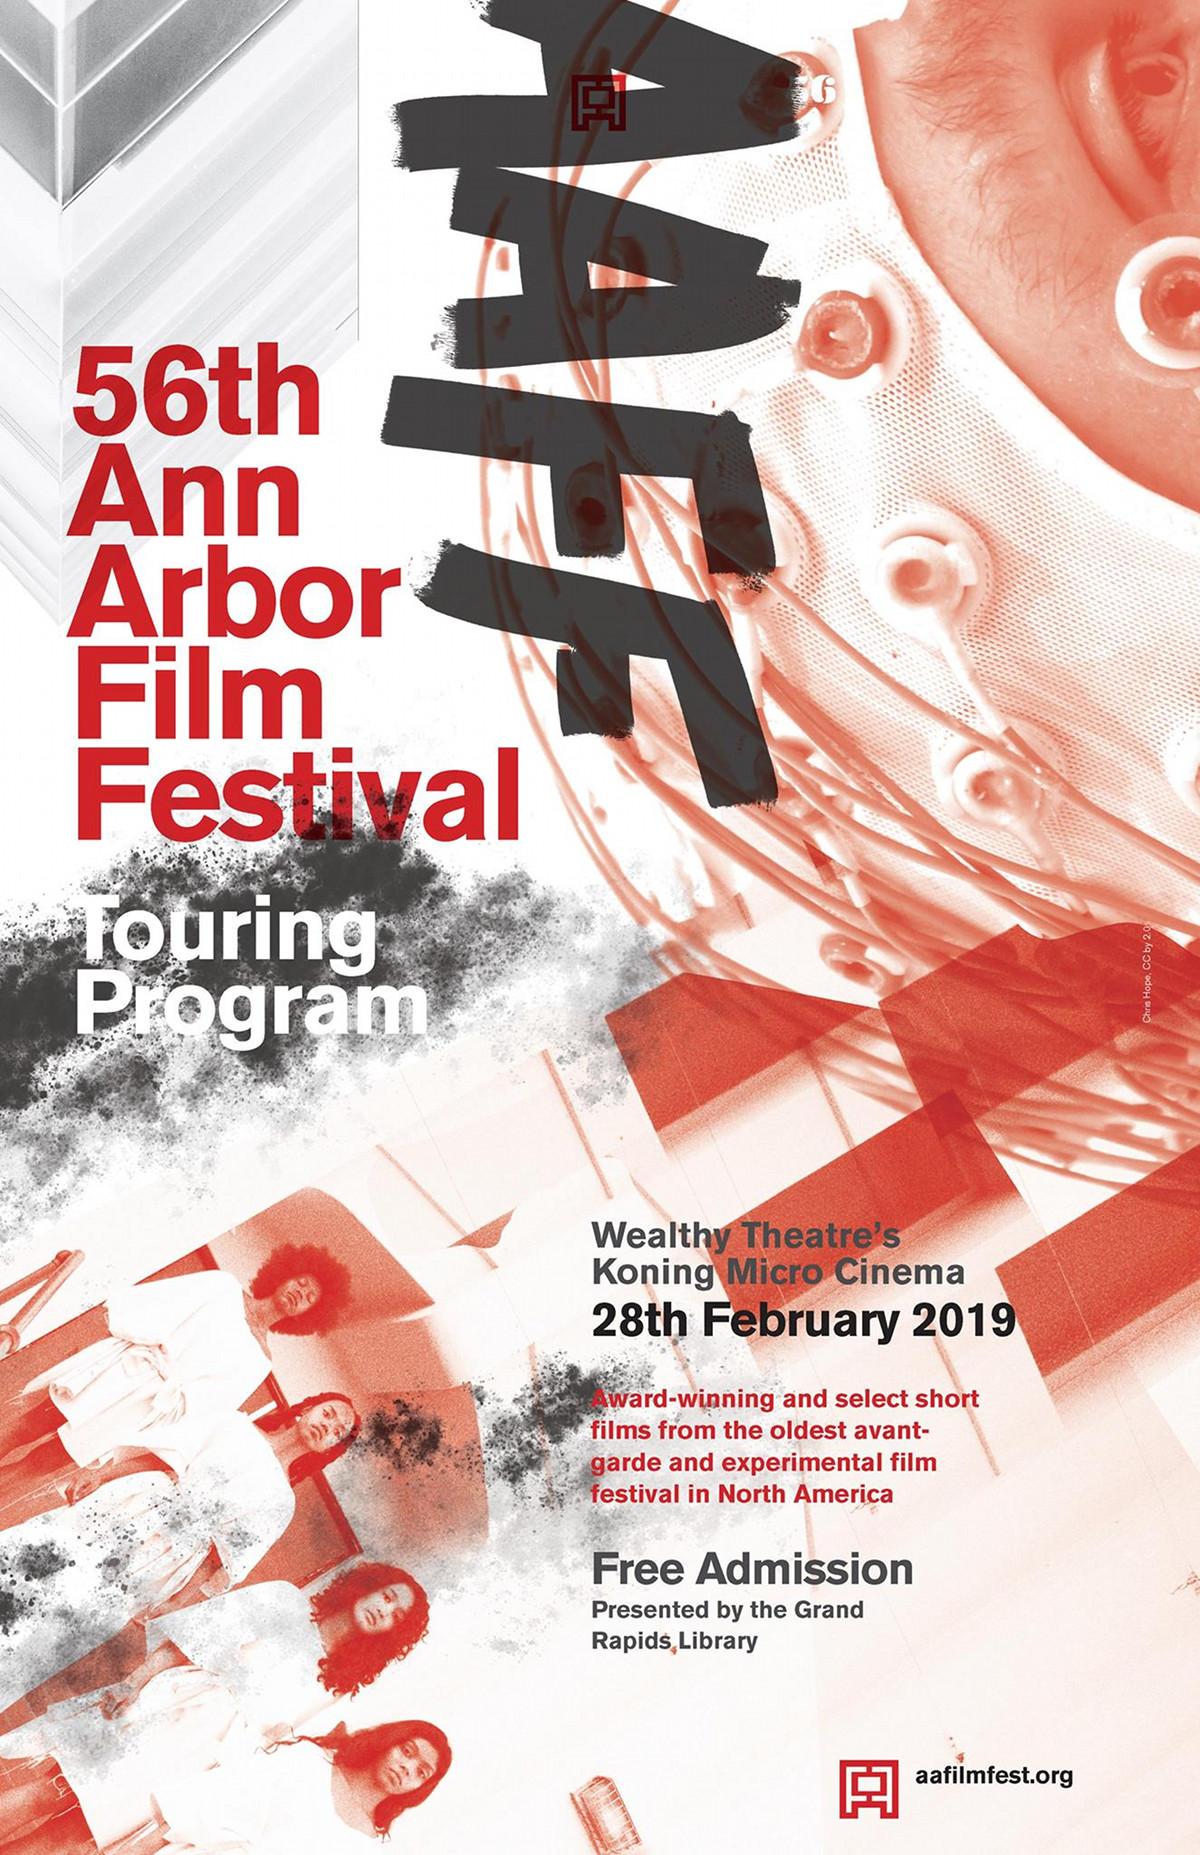 56th Ann Arbor Flim Festival Touring Program poster